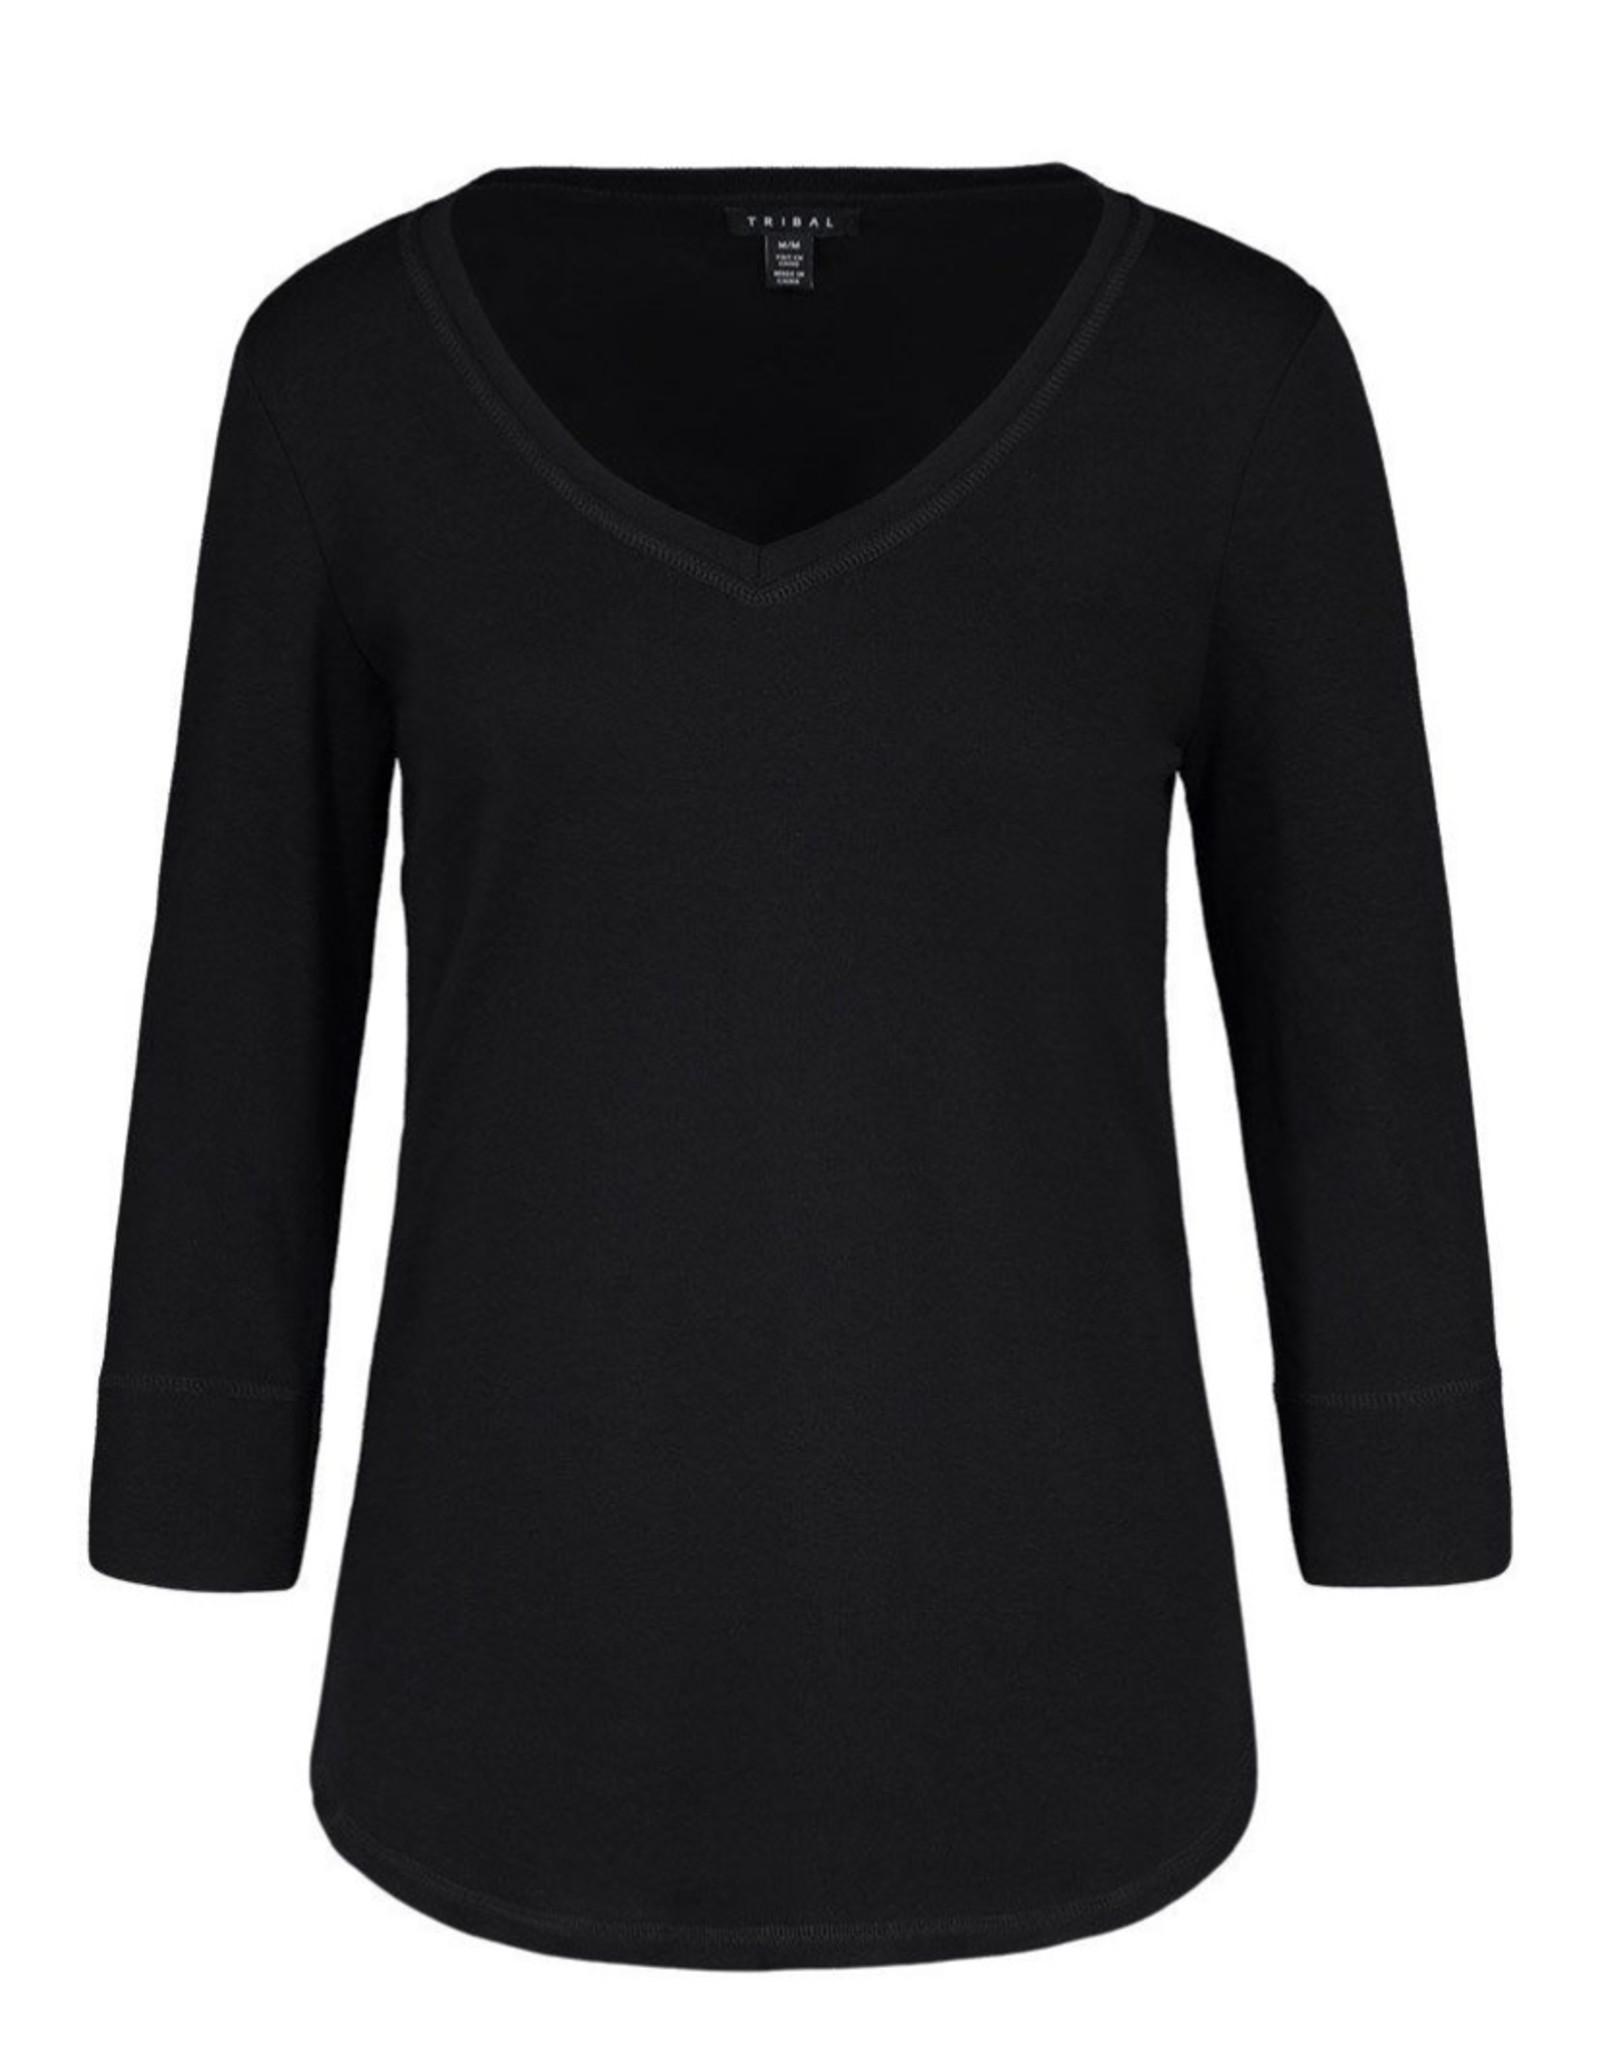 3/4 sleeve v-neck top Black